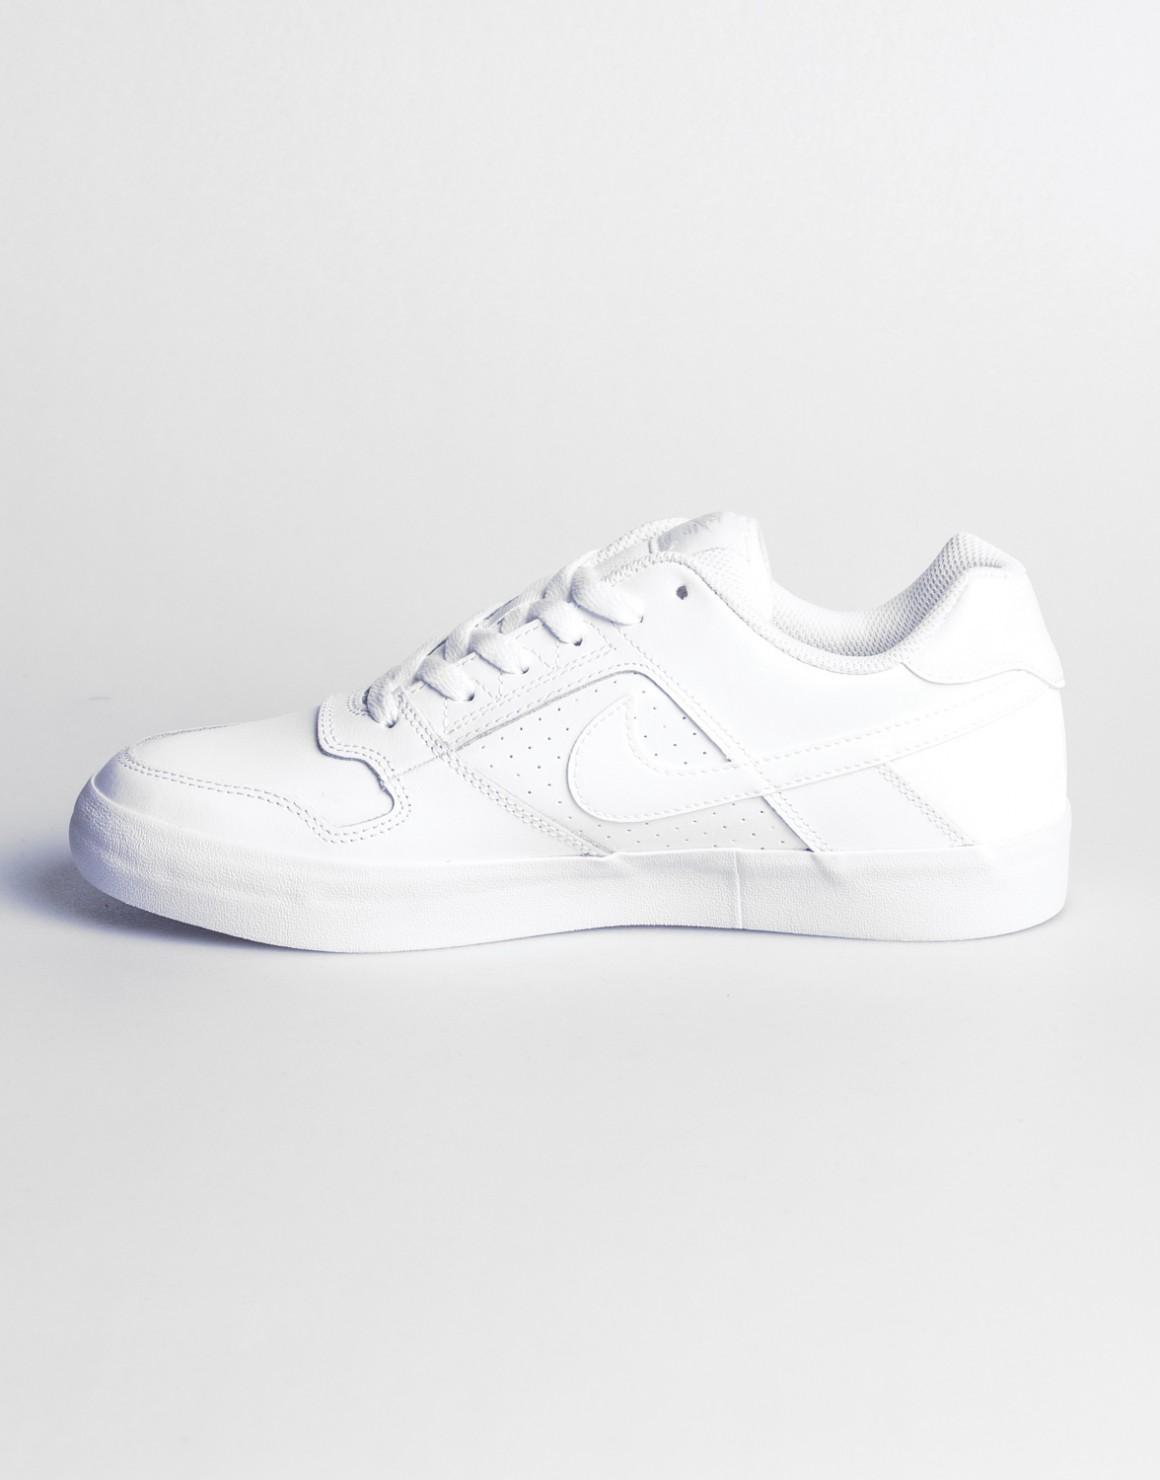 Nike Delta Force Vulc Sko WhiteWhite White